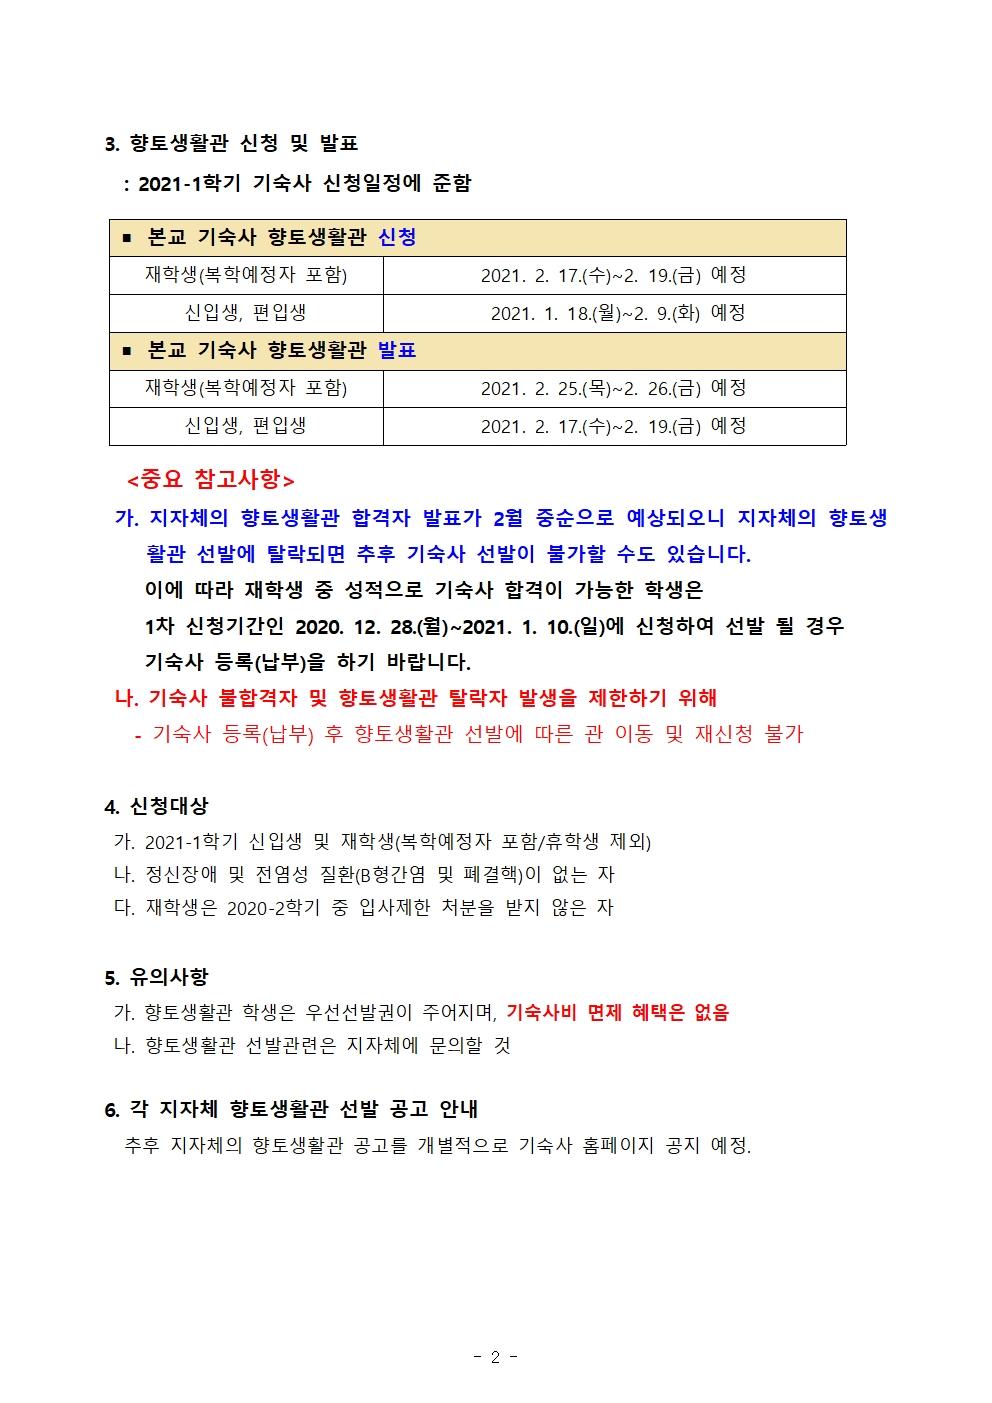 향토생활관 선발 절차 안내(공지)-2021001002.jpg